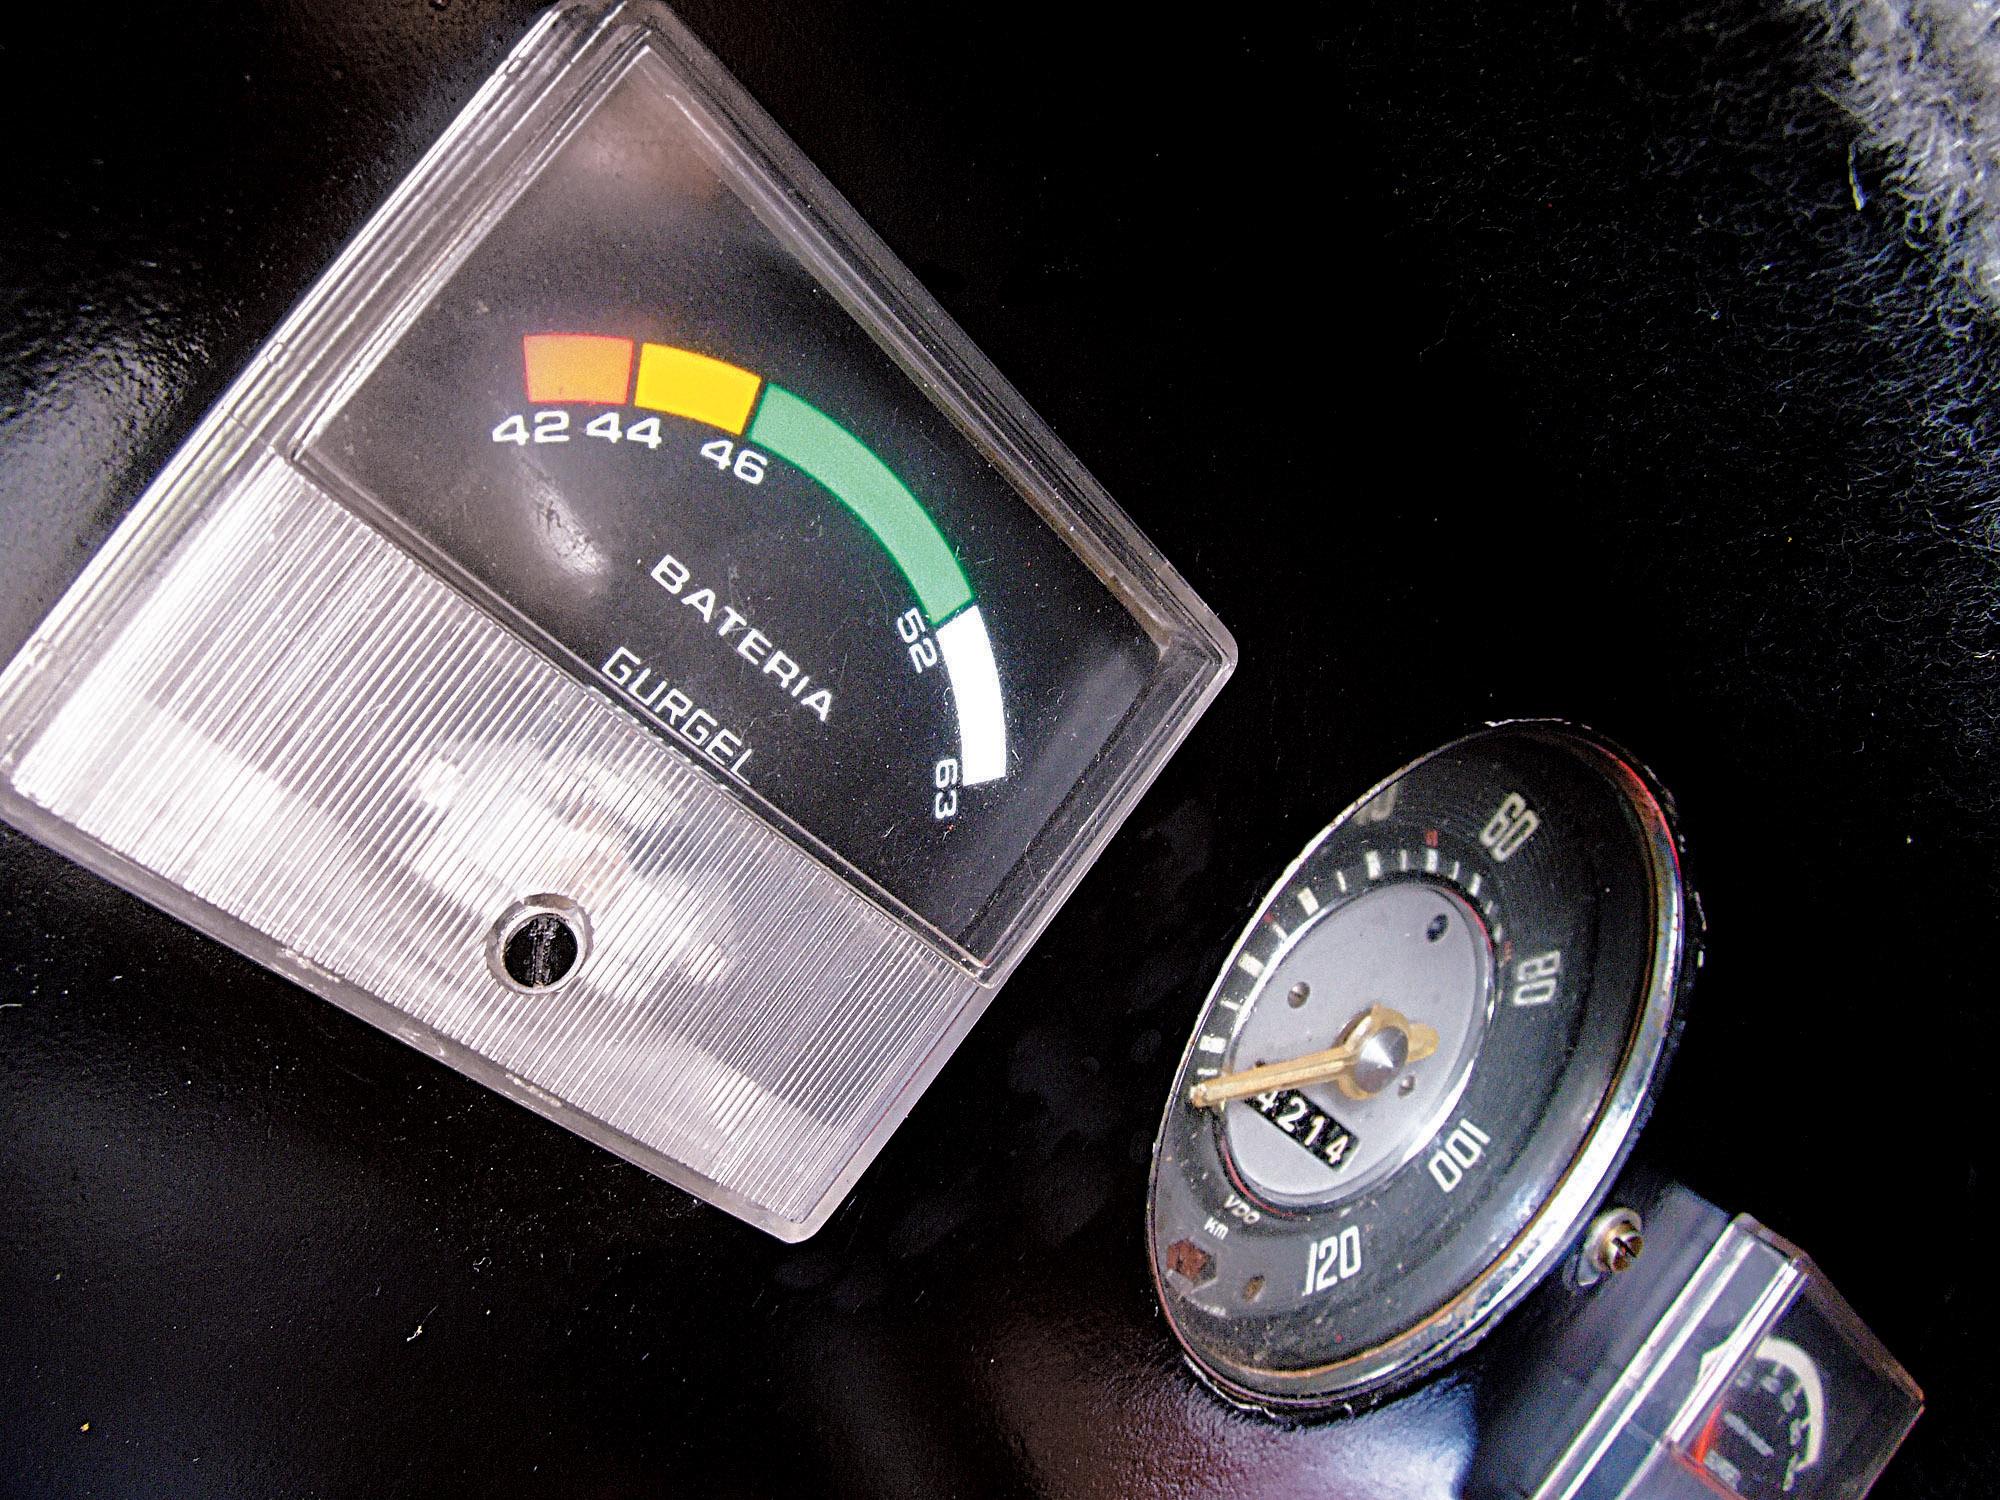 Voltímetro do Itaipu, automóvel elétrico da Gurgel, testado pela revista Quatro Rodas.